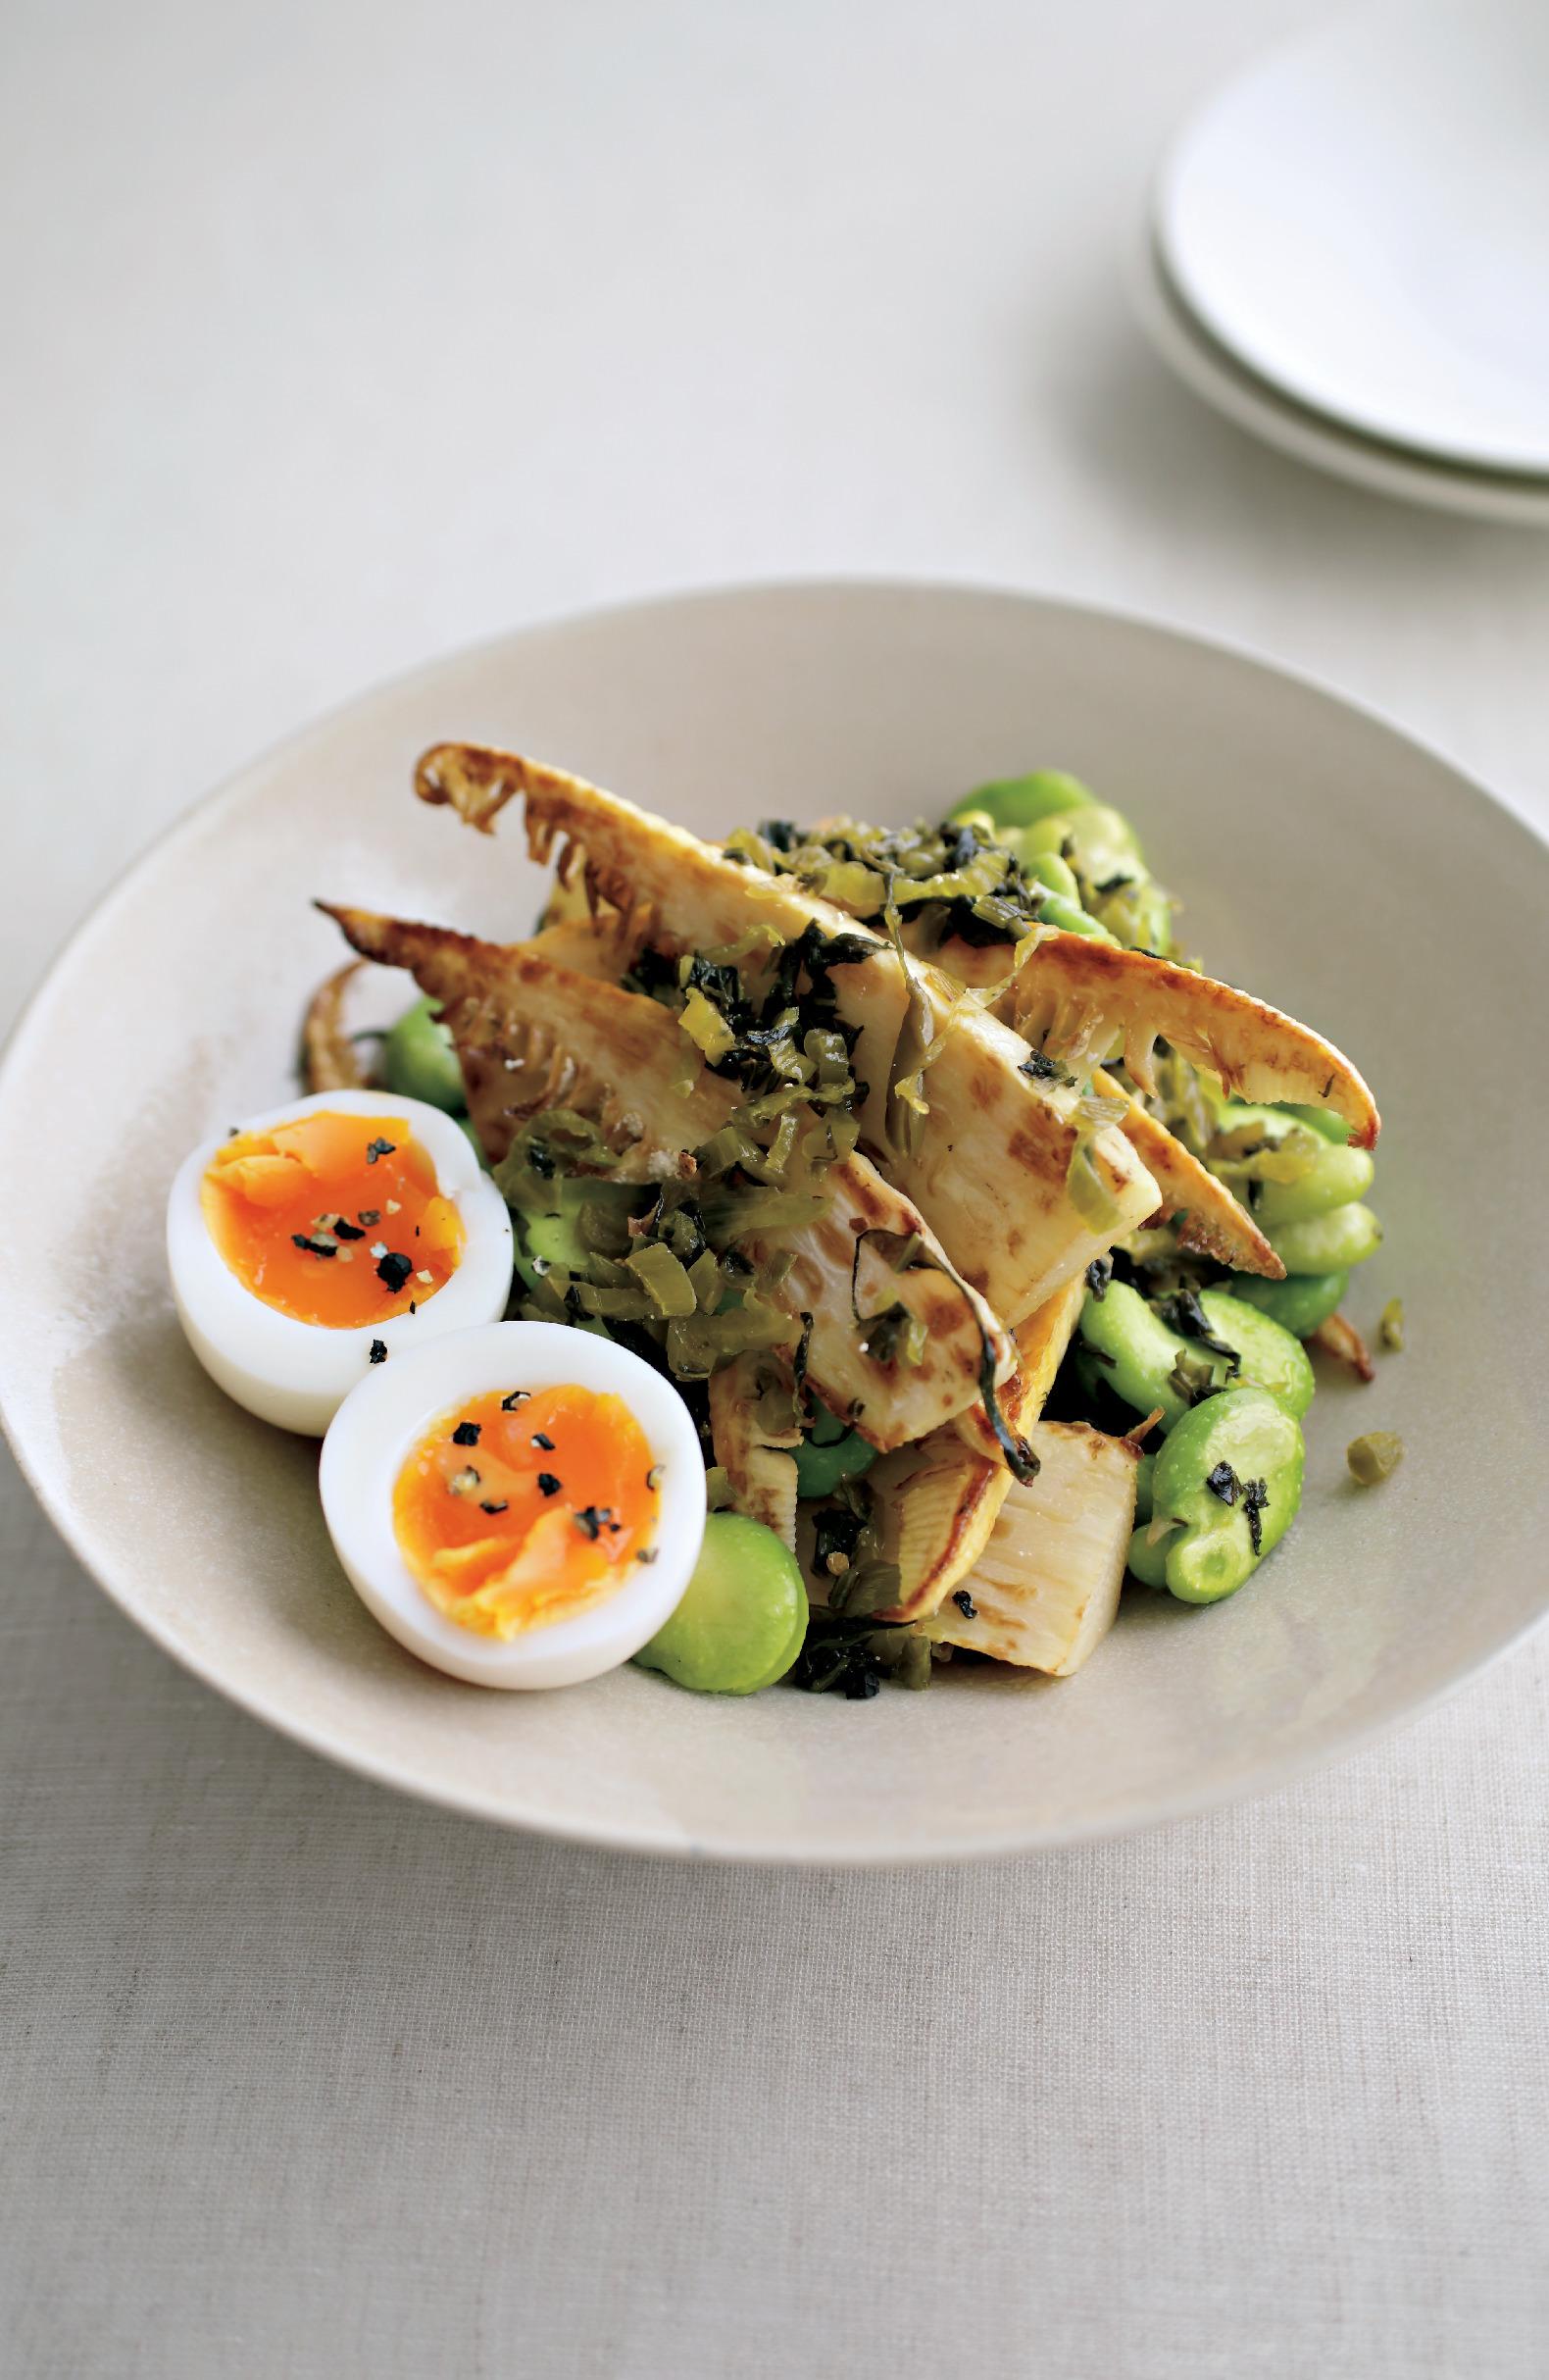 食卓に春ならではのごちそうを。ウー・ウェンさんの絶品サラダ 五選_4_1